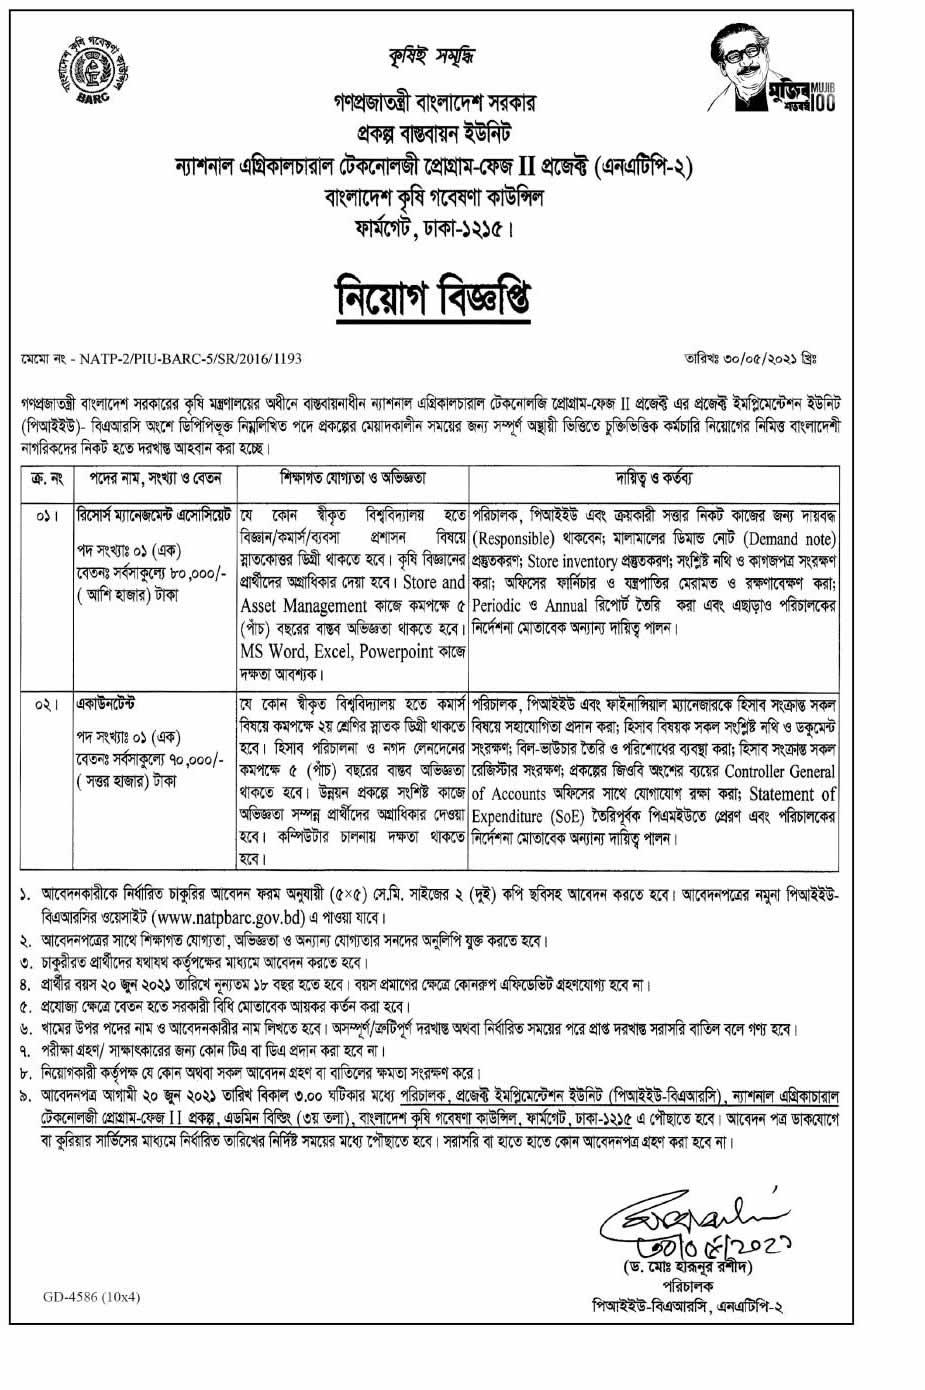 বাংলাদেশ কৃষি গবেষণা কাউন্সিল নিয়োগ বিজ্ঞপ্তি ২০২১ - Bangladesh Agricultural Research Council Job Circular 2021